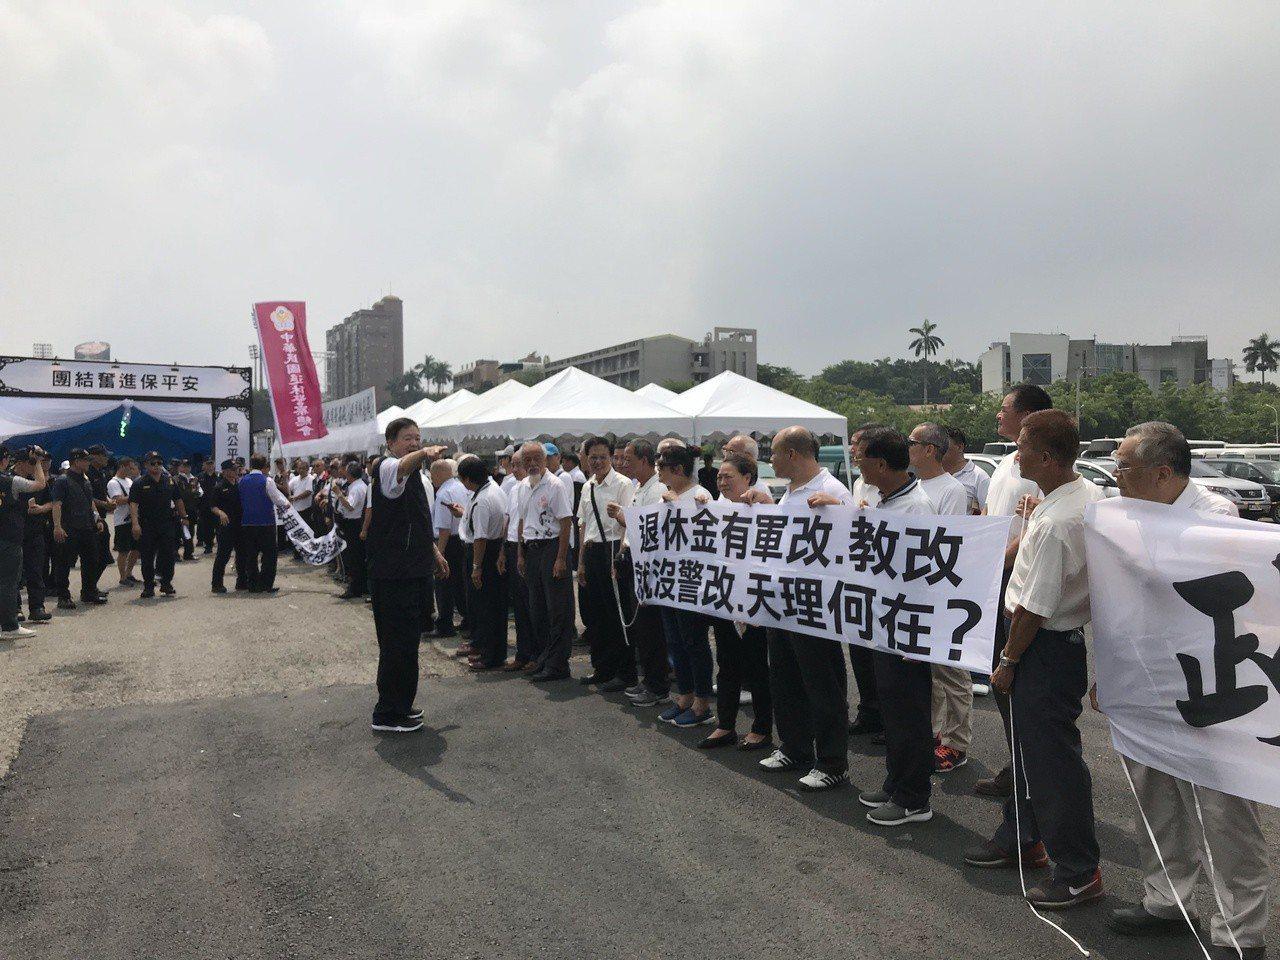 鐵警李承翰今天公祭,中華民國退警協會在場外拉布條陳情。記者姜宜菁/攝影